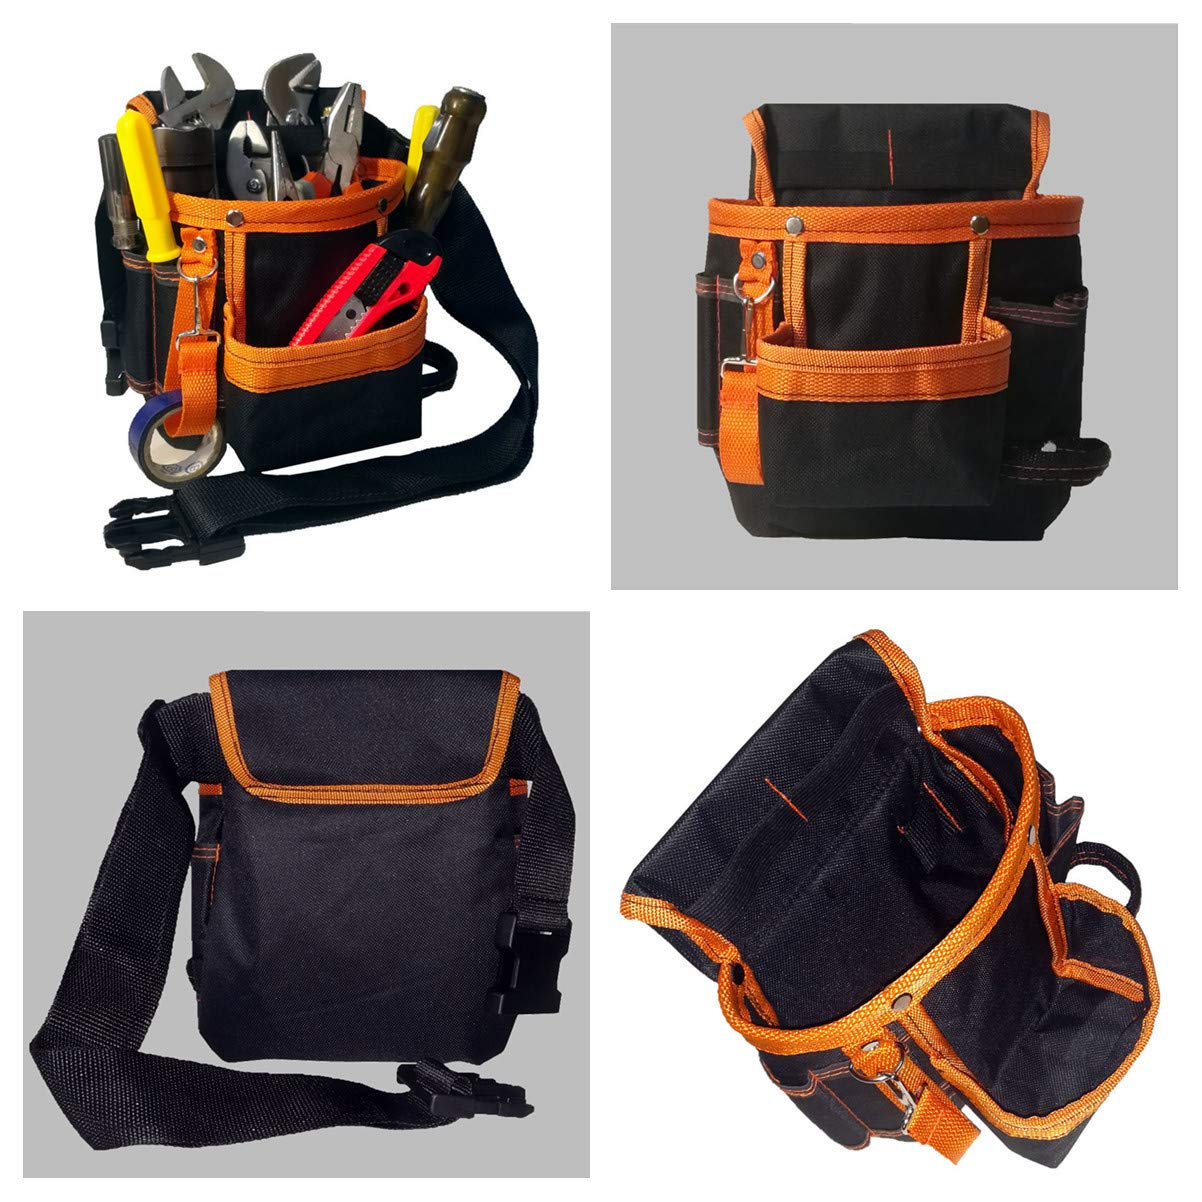 Copechilla bolsa herramientas negro con naranja con cintur/ón ajustada,resistente y profesional,Material lona oxford espesado,13 Bolsillos,para electricistas t/écnicos